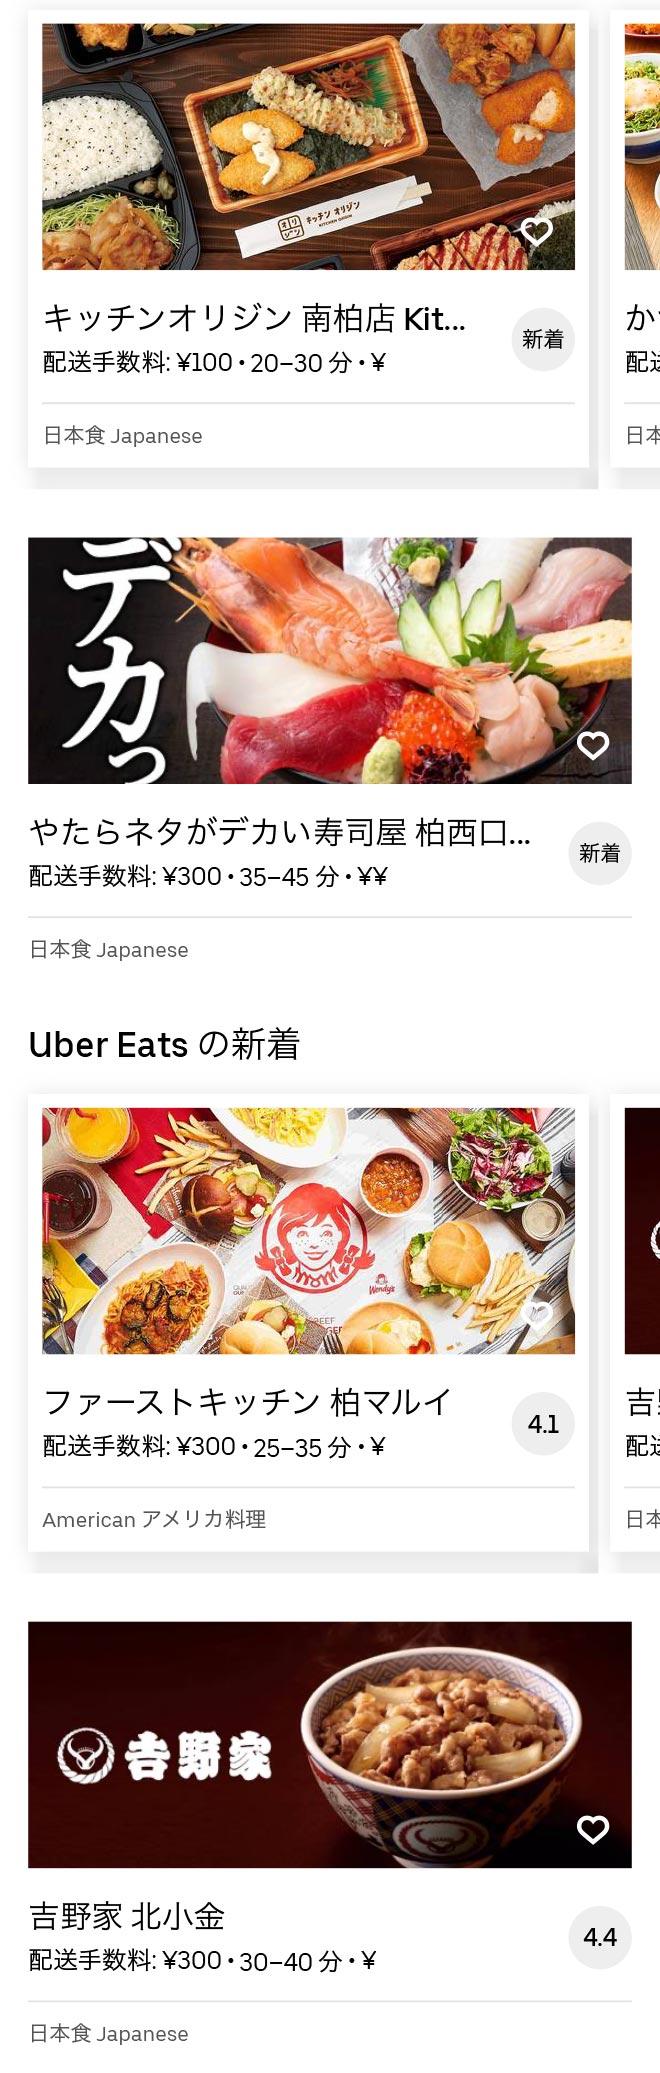 Minami kashiwa menu 2007 02